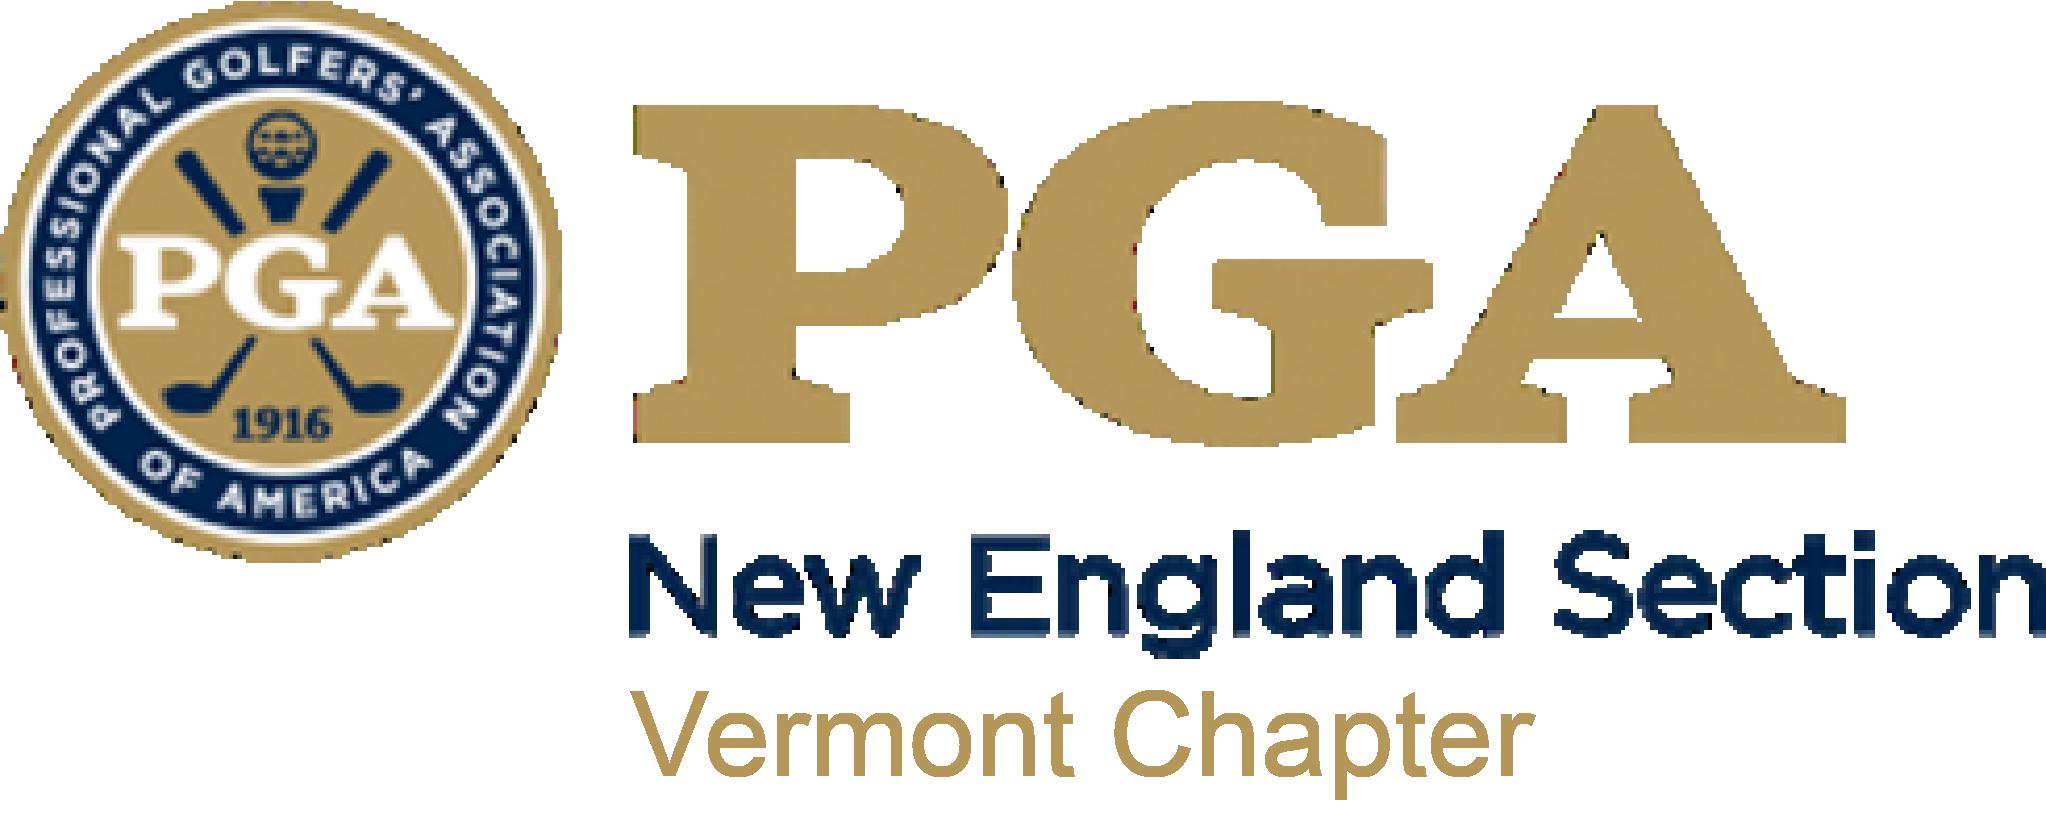 Vermont PGA